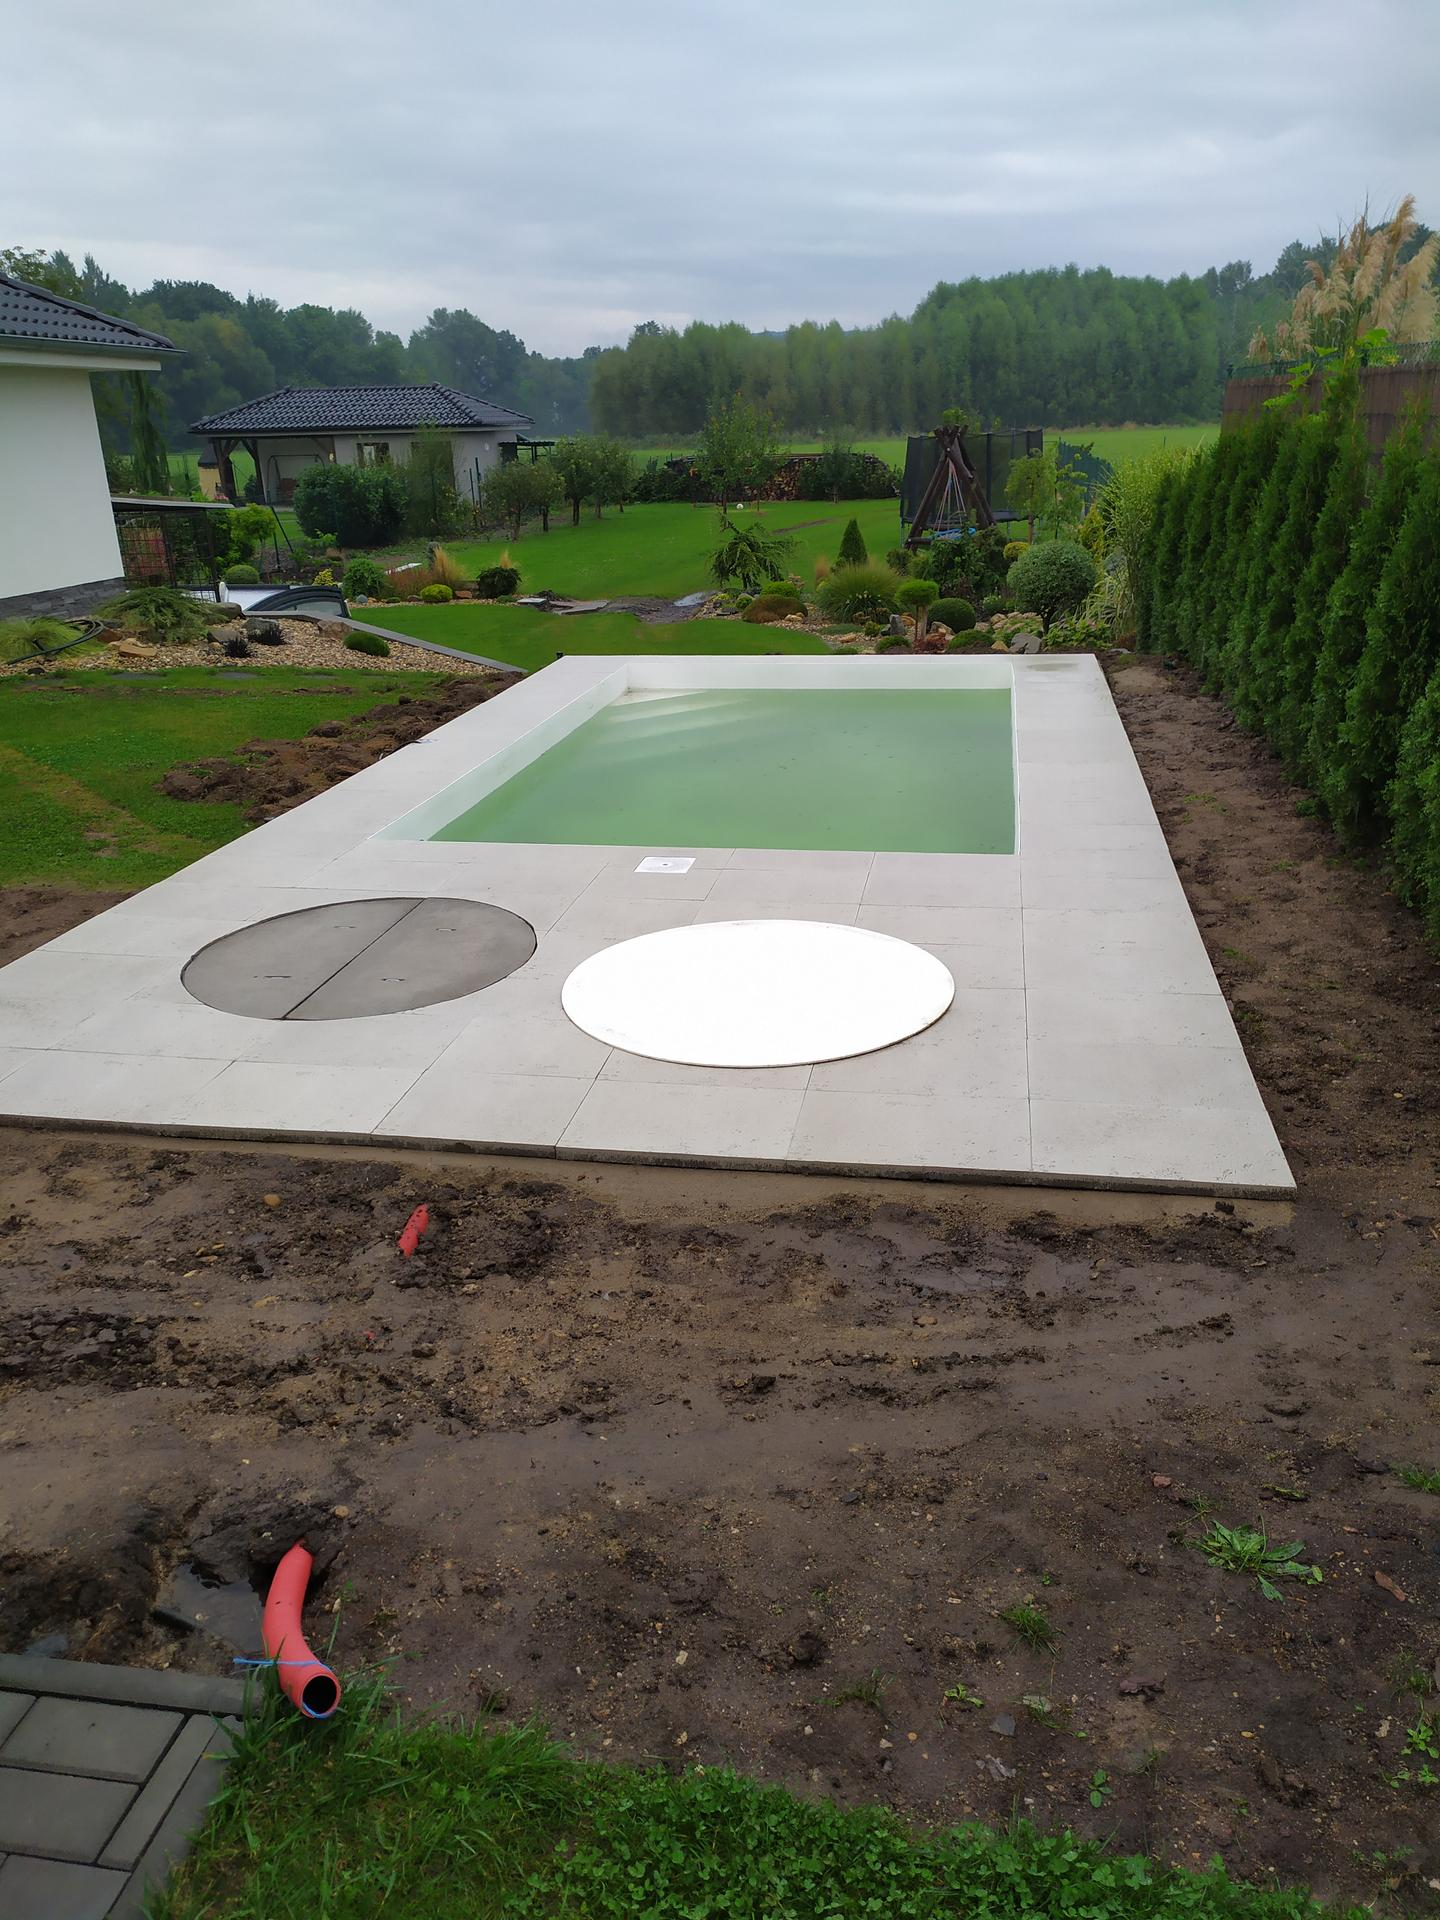 Bazén srpen 2020: doplněk naší zahrady😉 - Obrázek č. 12